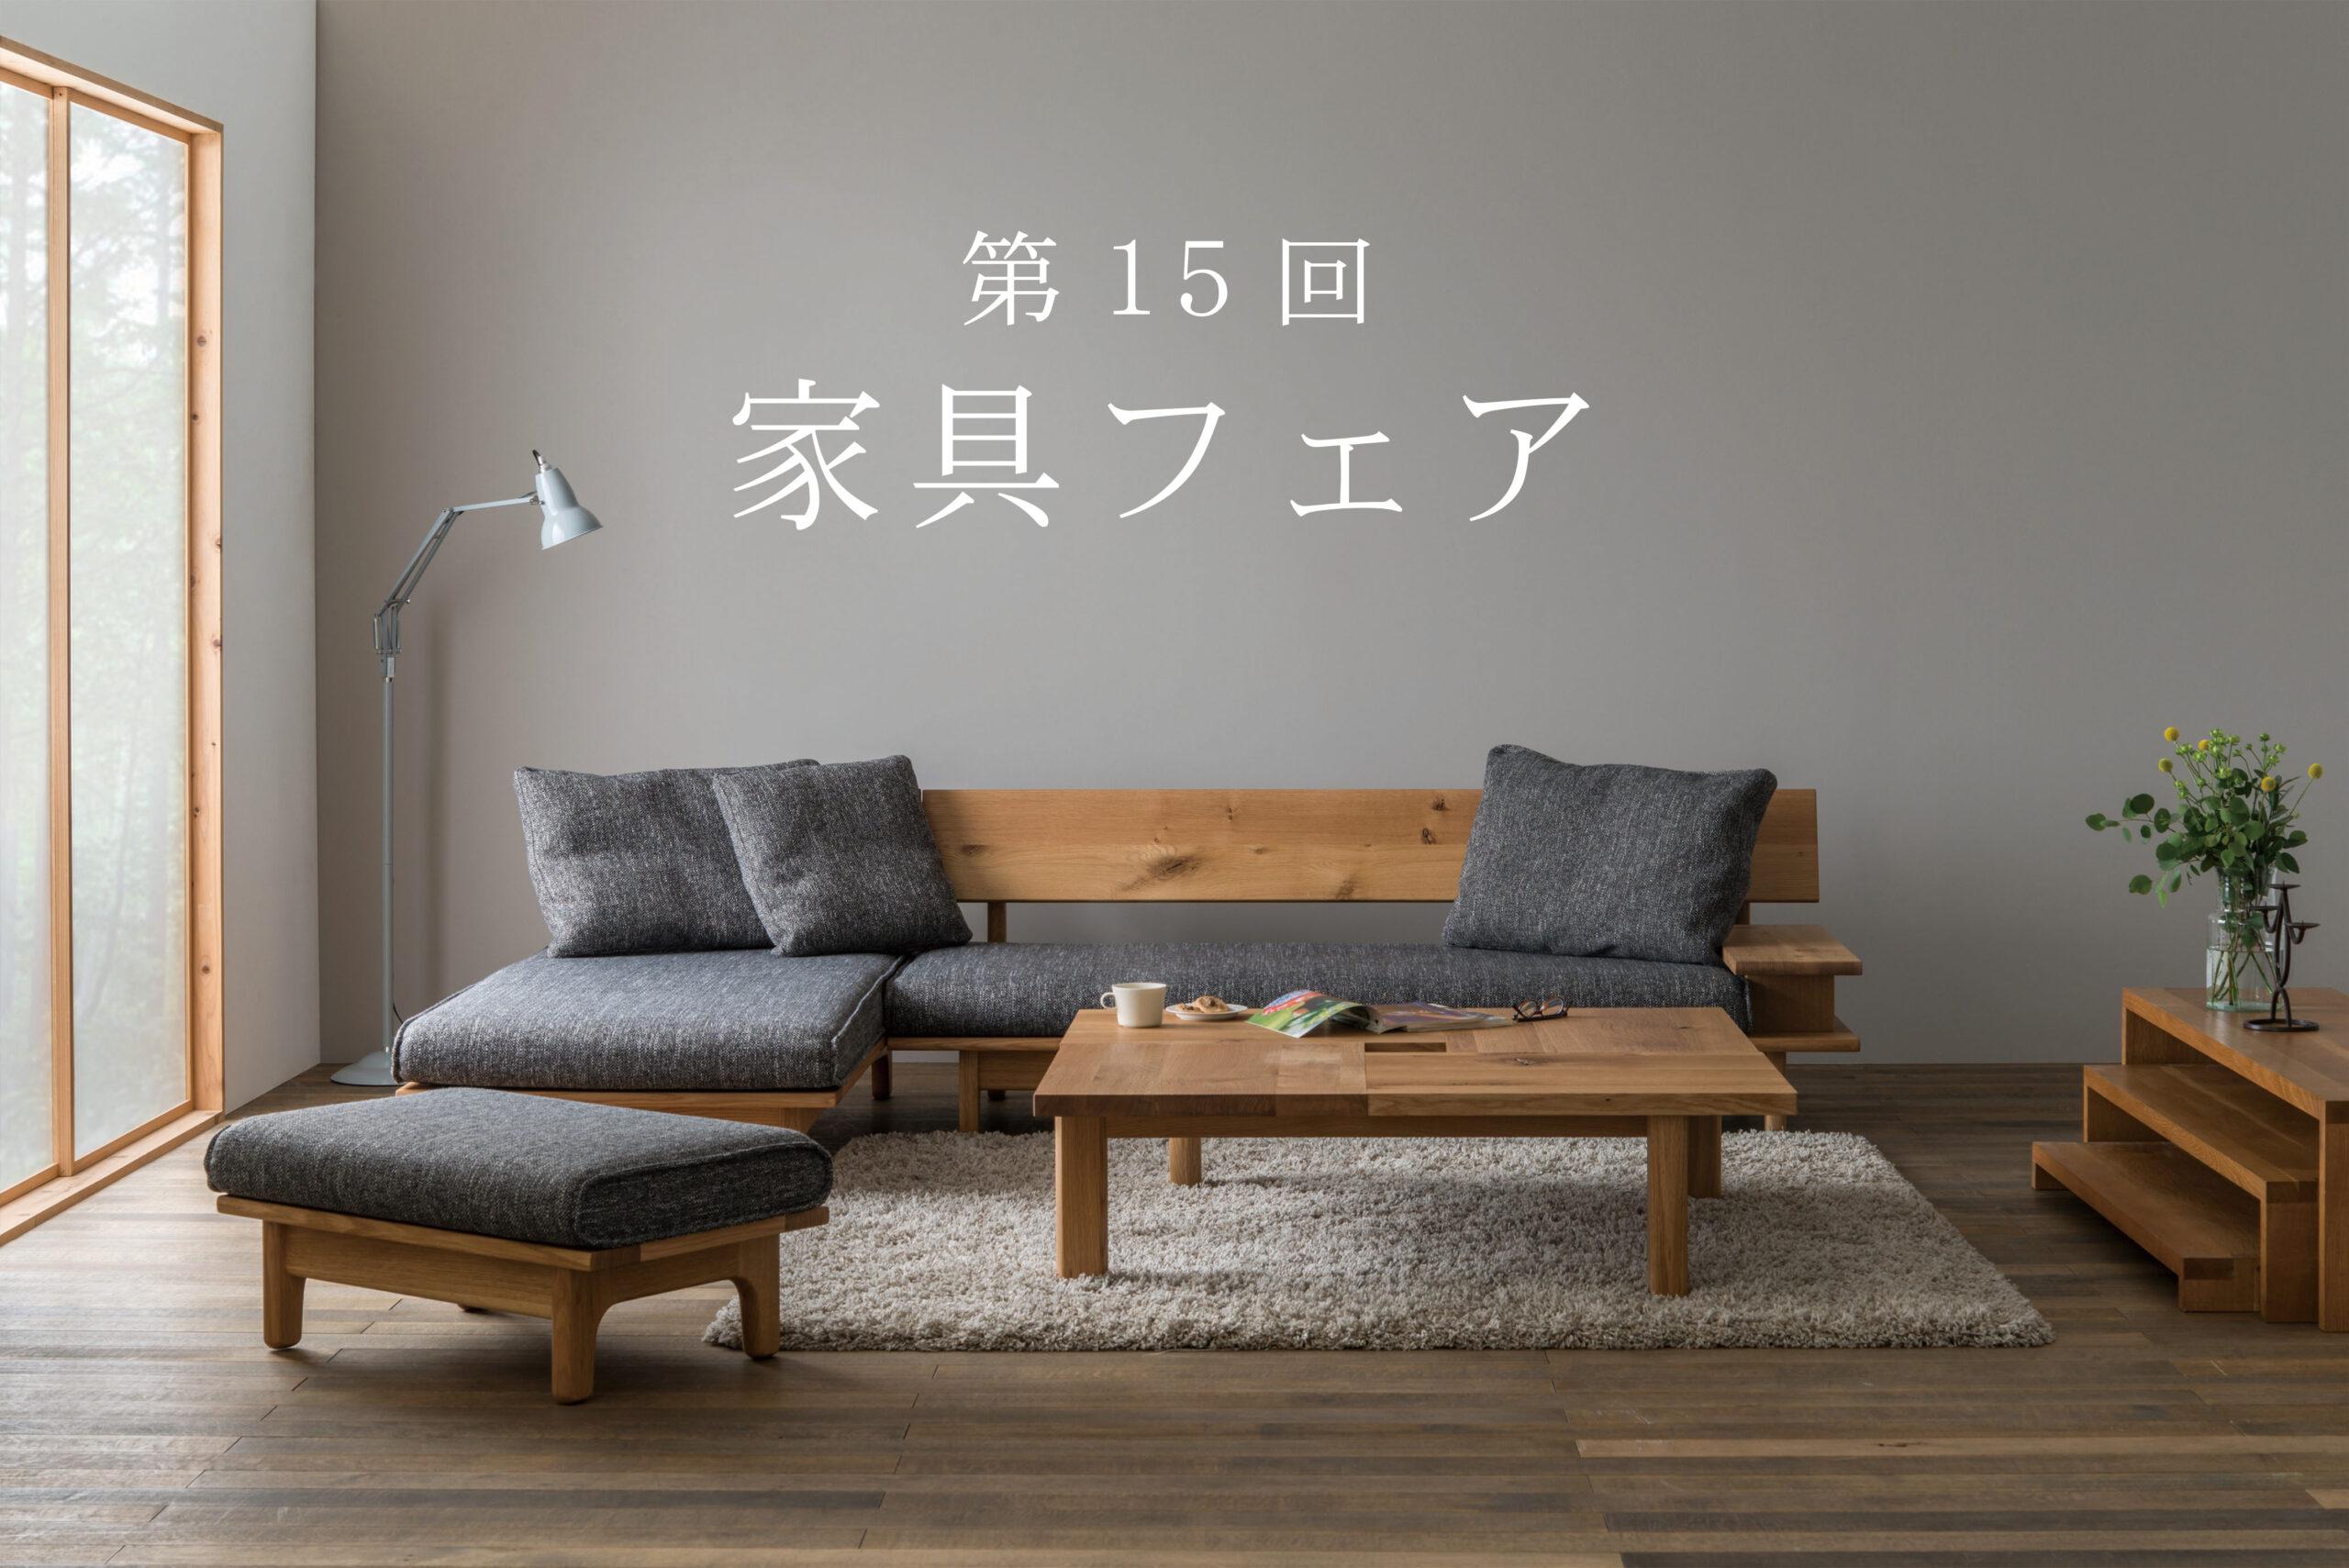 【第15回】家具フェア@下関エコショップCOM//10/23(土)~31(日)、11/3(水)~14(日)